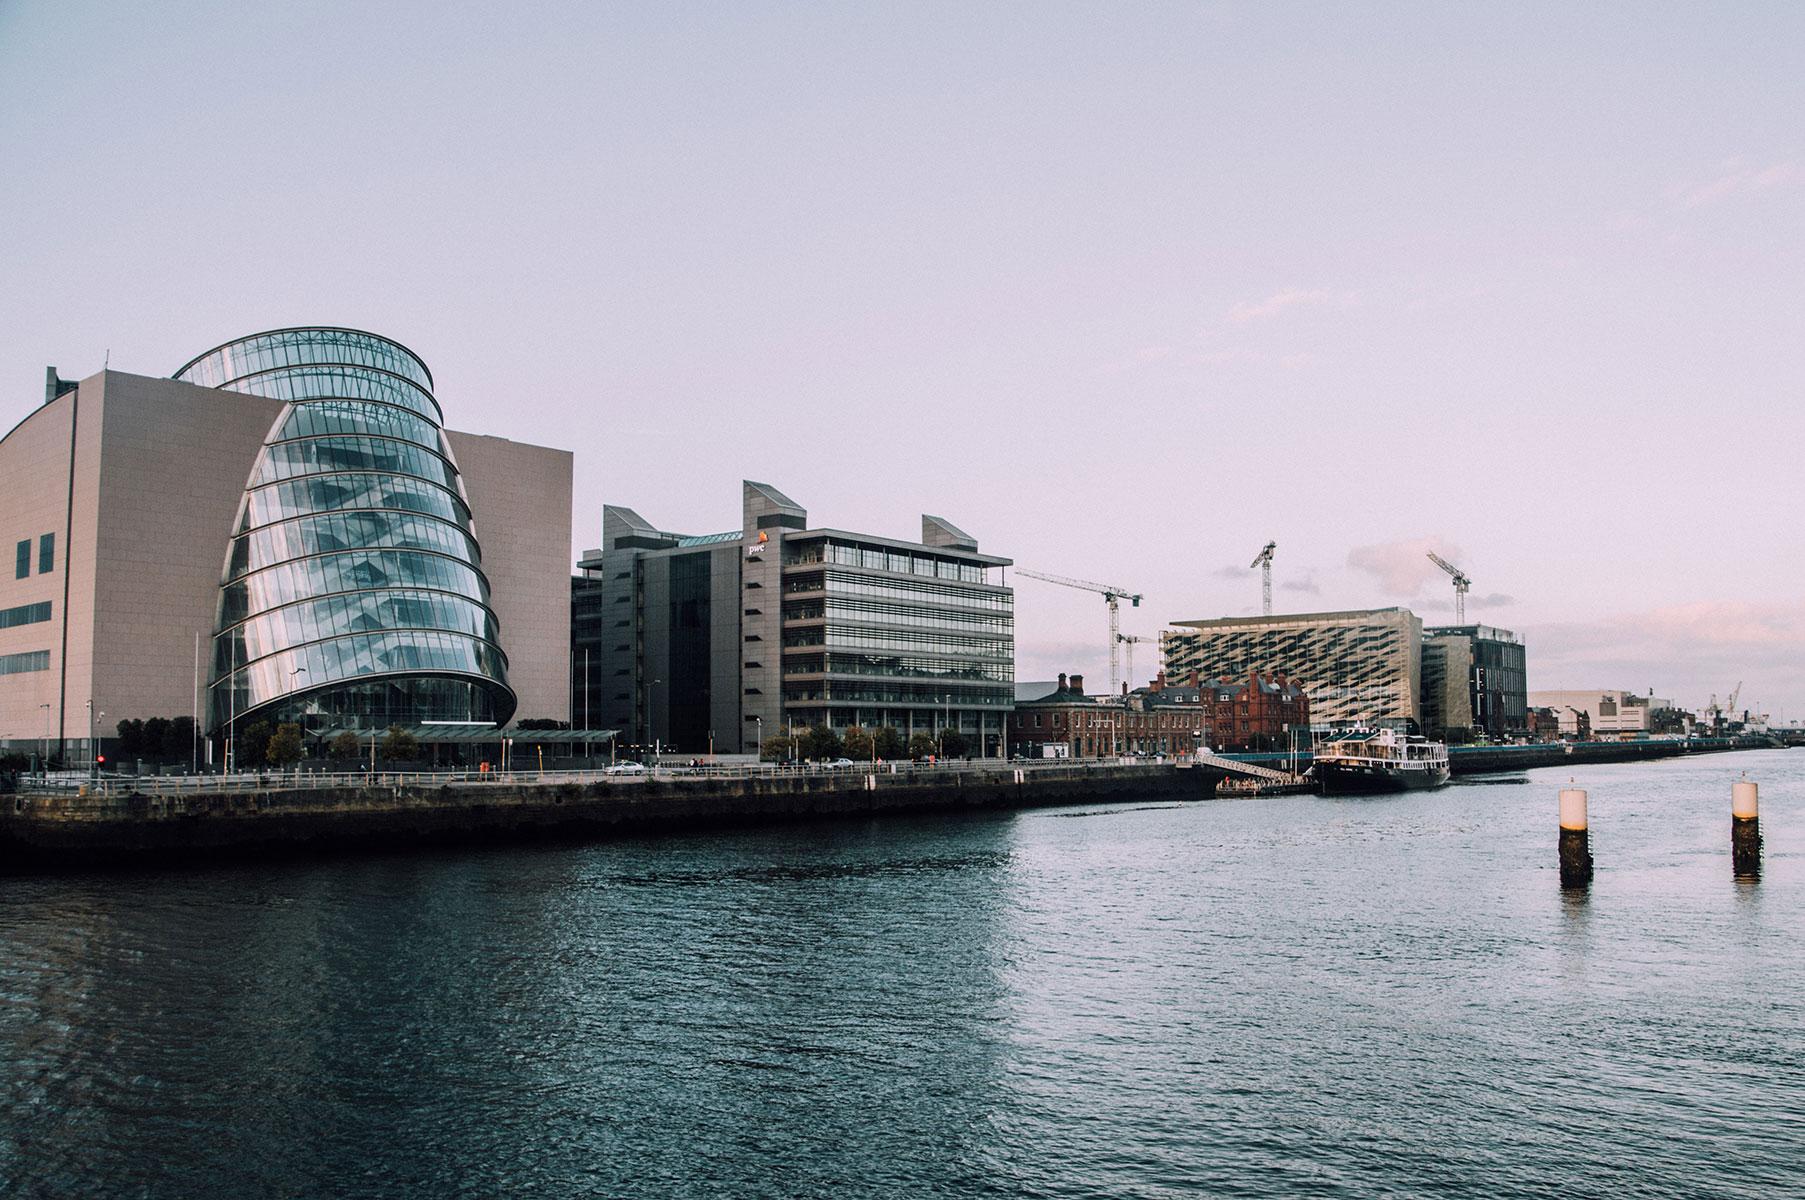 Quai Dublin Dockland